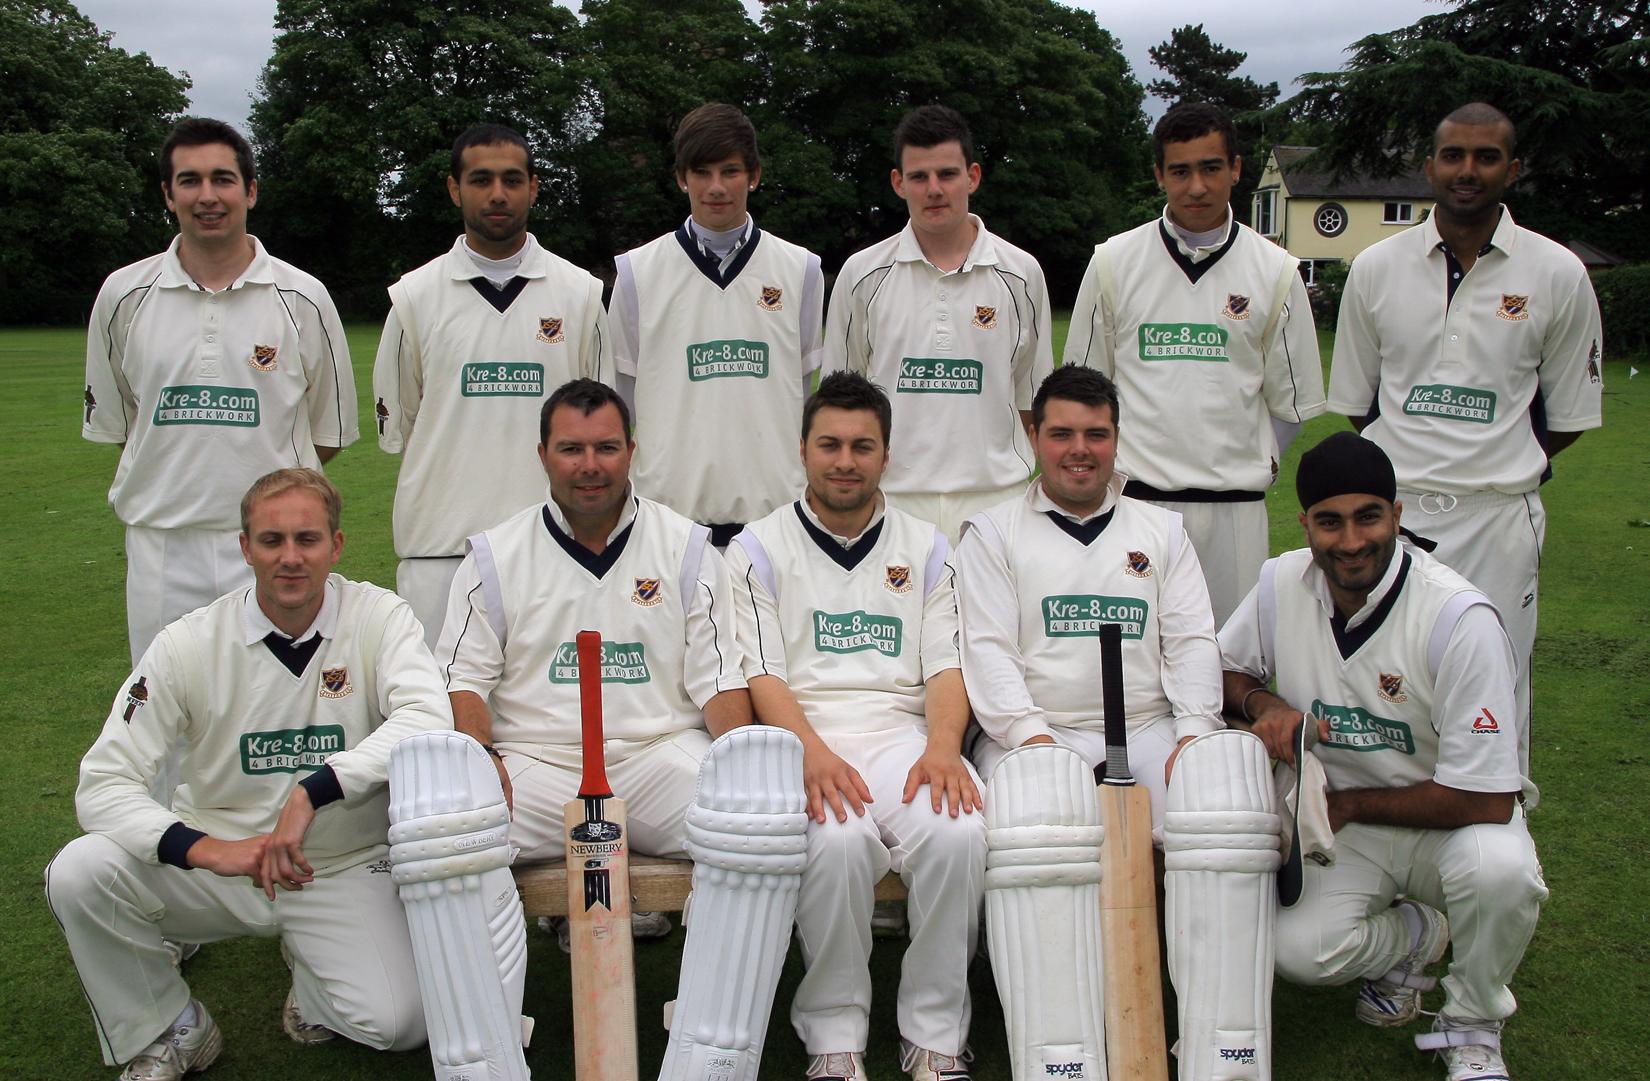 Stafford CC 1st XI 2012